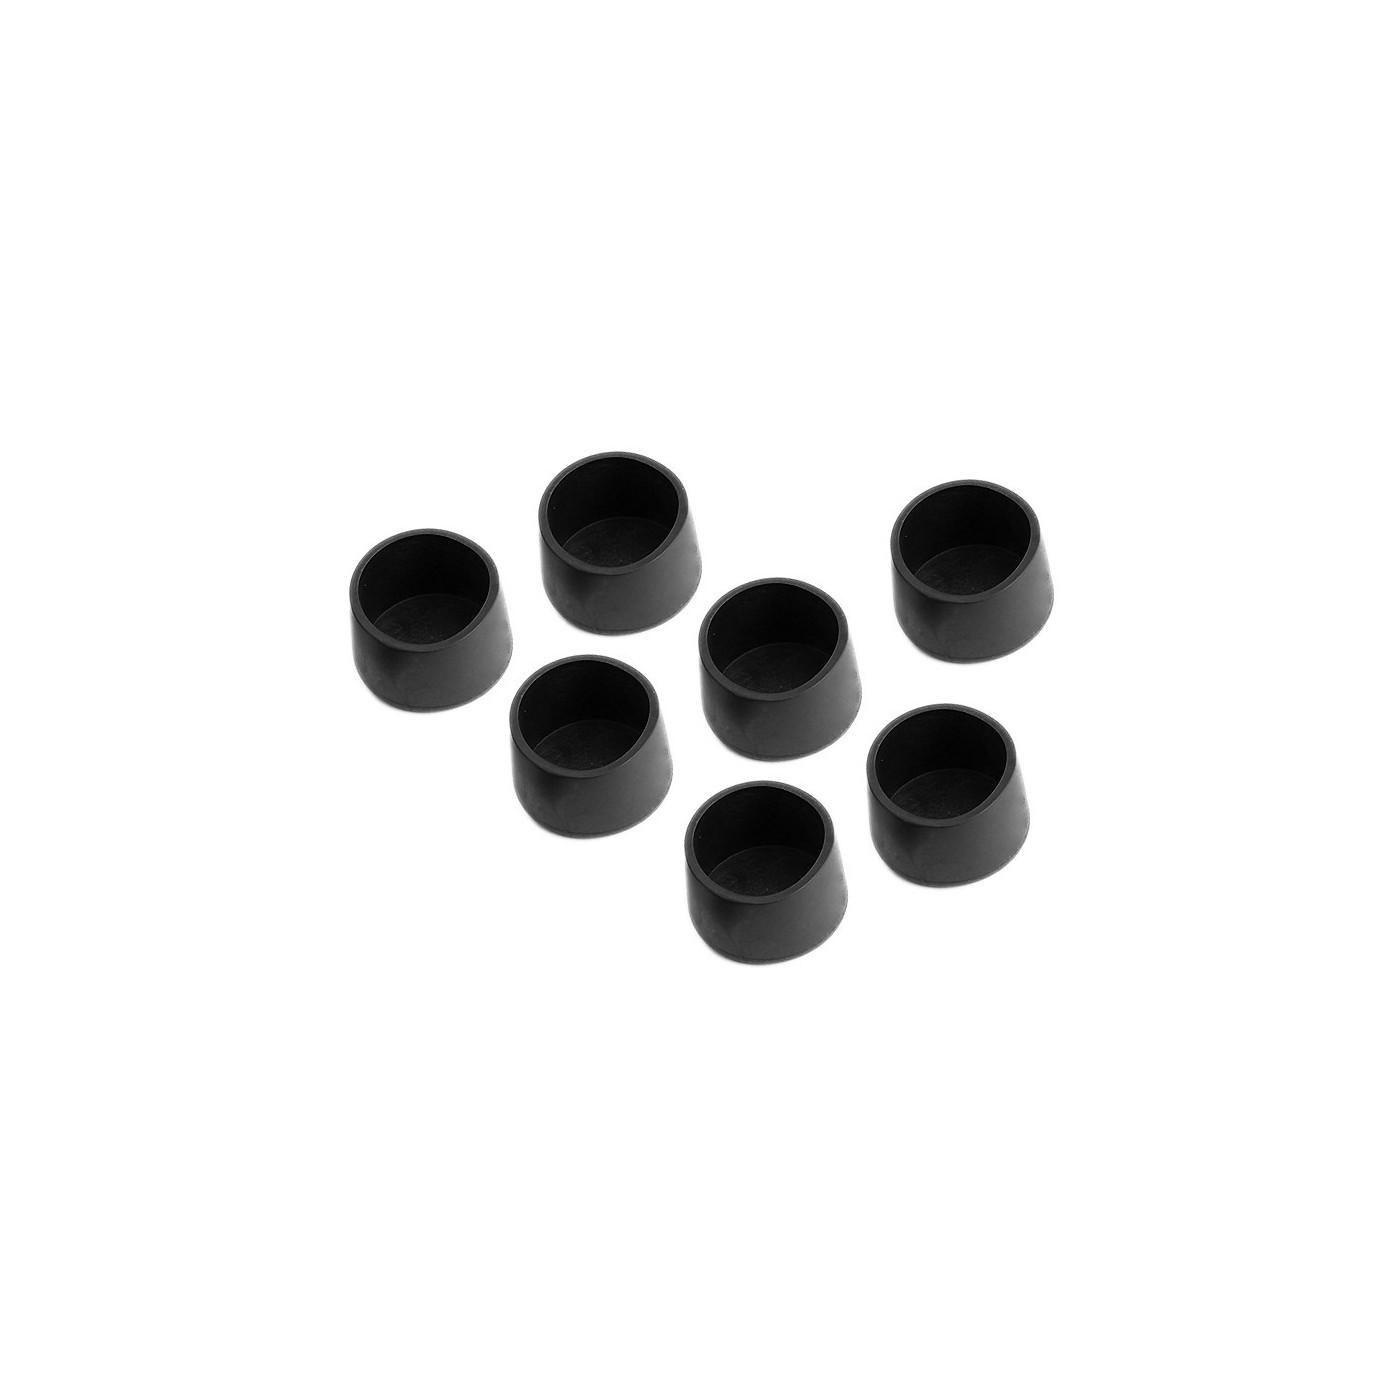 Set van 32 flexibele stoelpootdoppen (omdop, rond, 32 mm